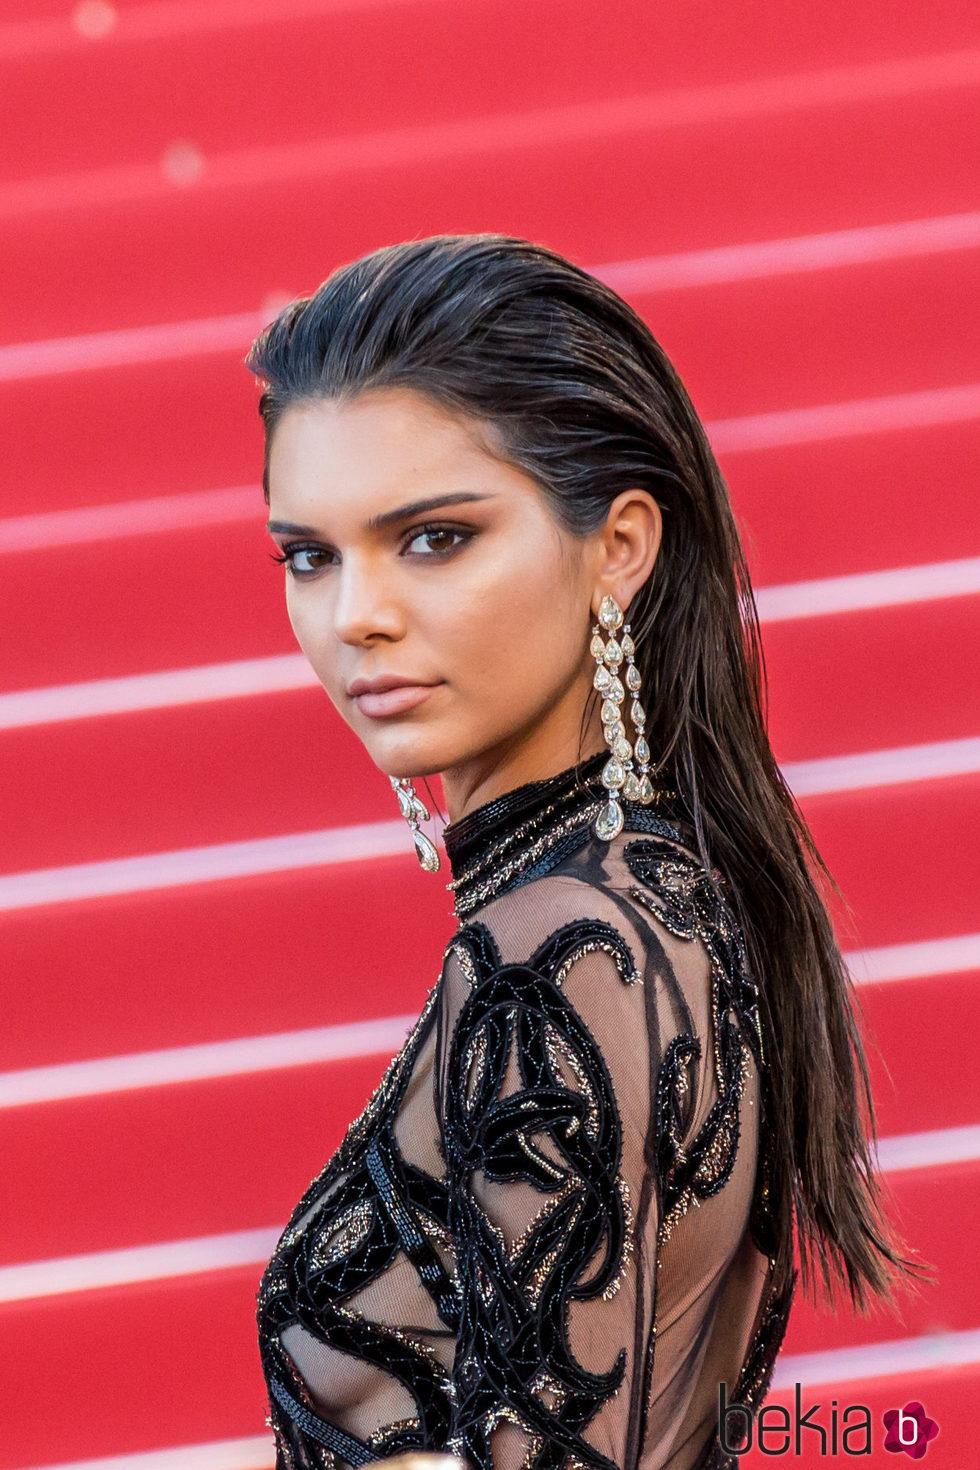 Kendall Jenner con la melena 'efecto mojado' en la alfombra roja de Cannes 2016